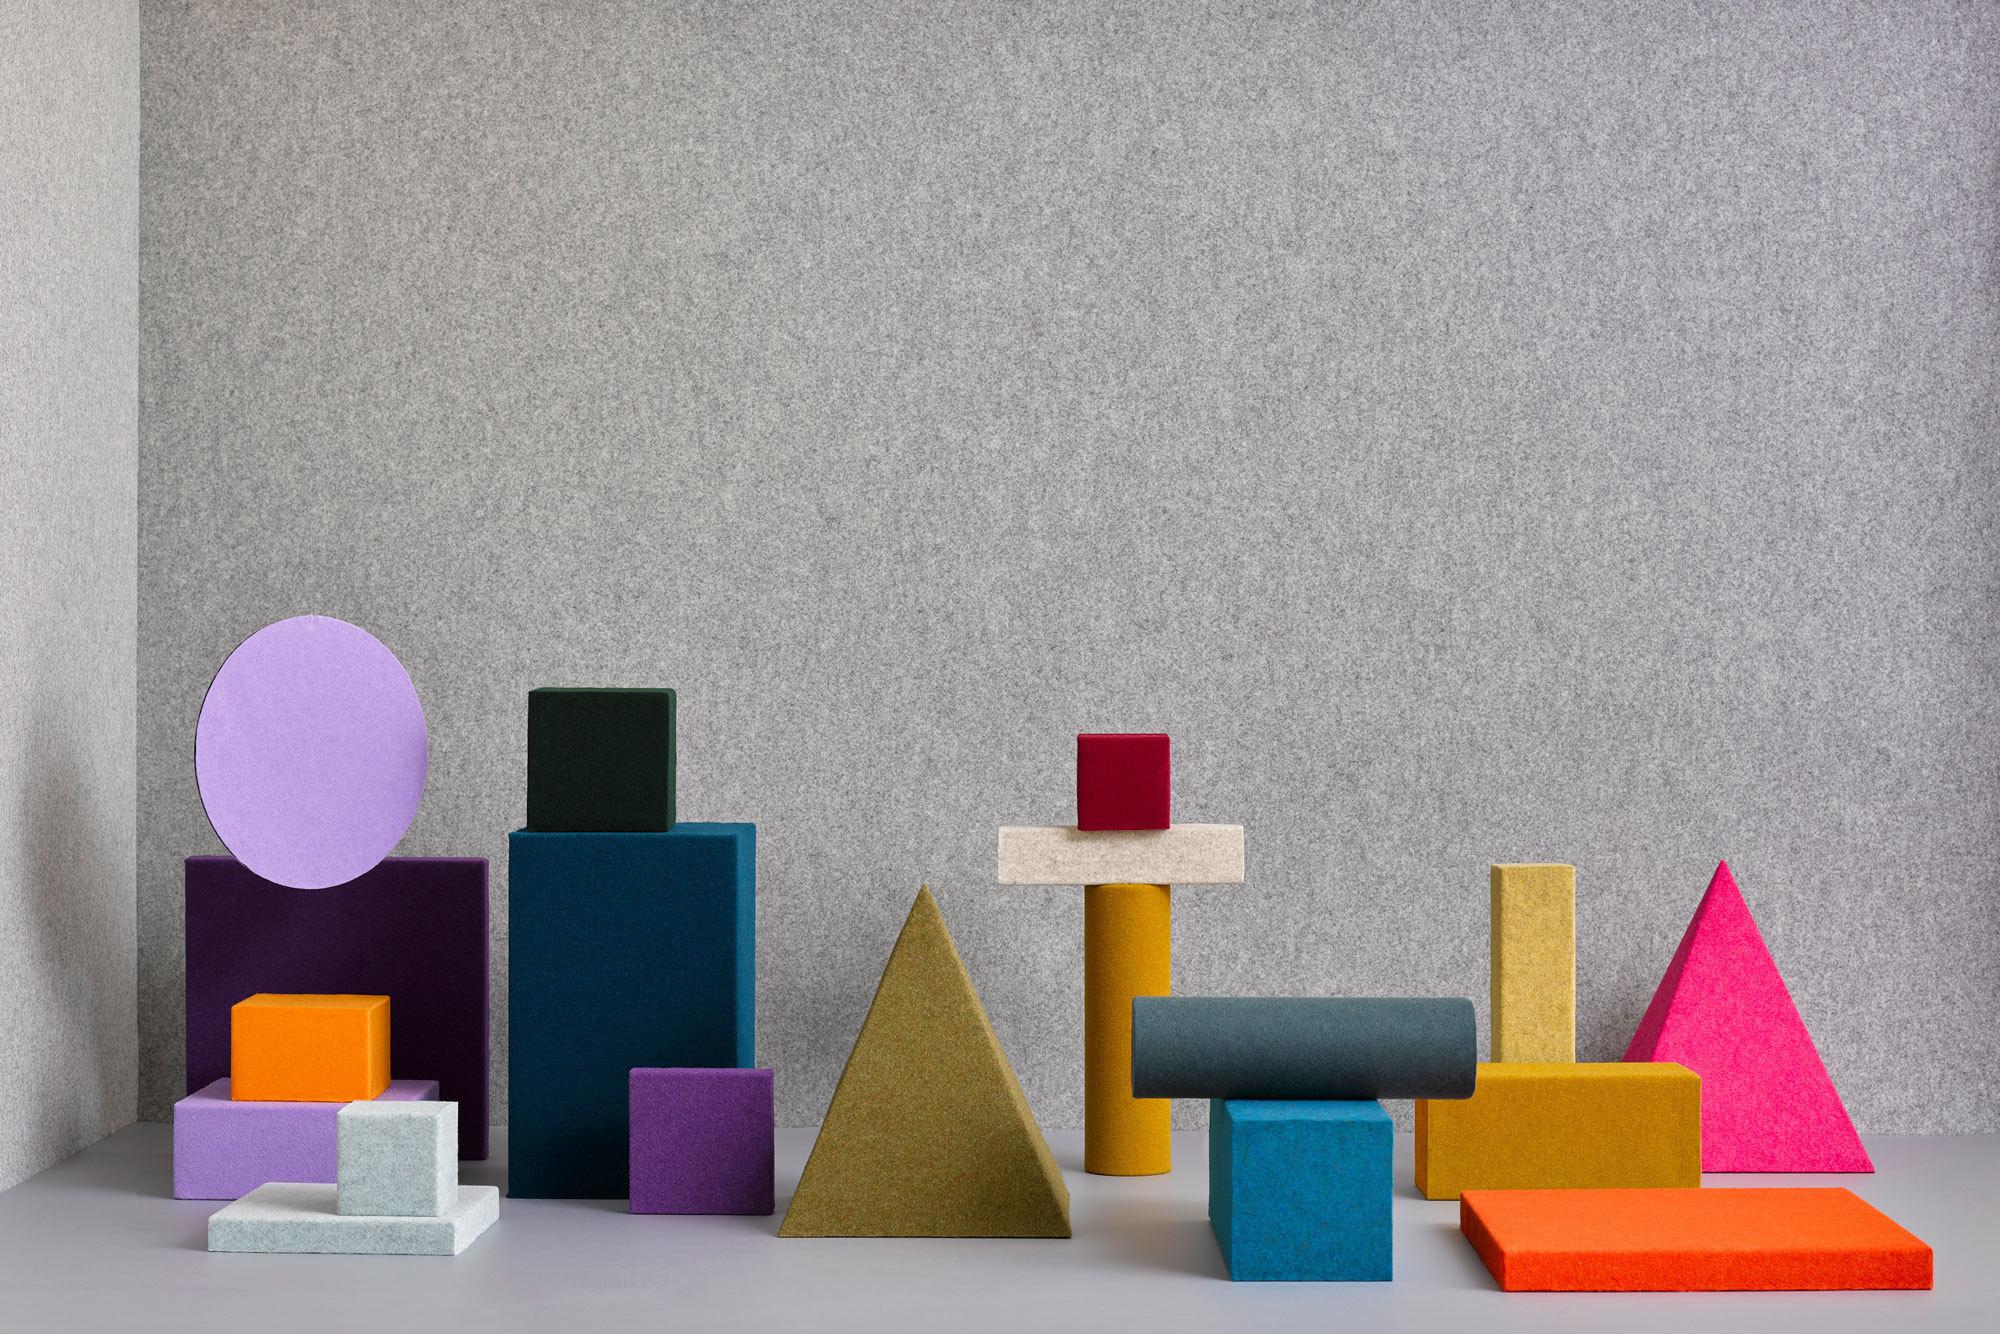 Vielseitiger Filz: Das niederländische Start-up Féline Fabrics macht sich bei seinen akustischen Wandverkleidungen die schalldämpfenden Eigenschaften von Filz zunutze. Foto: Féline Fabrics